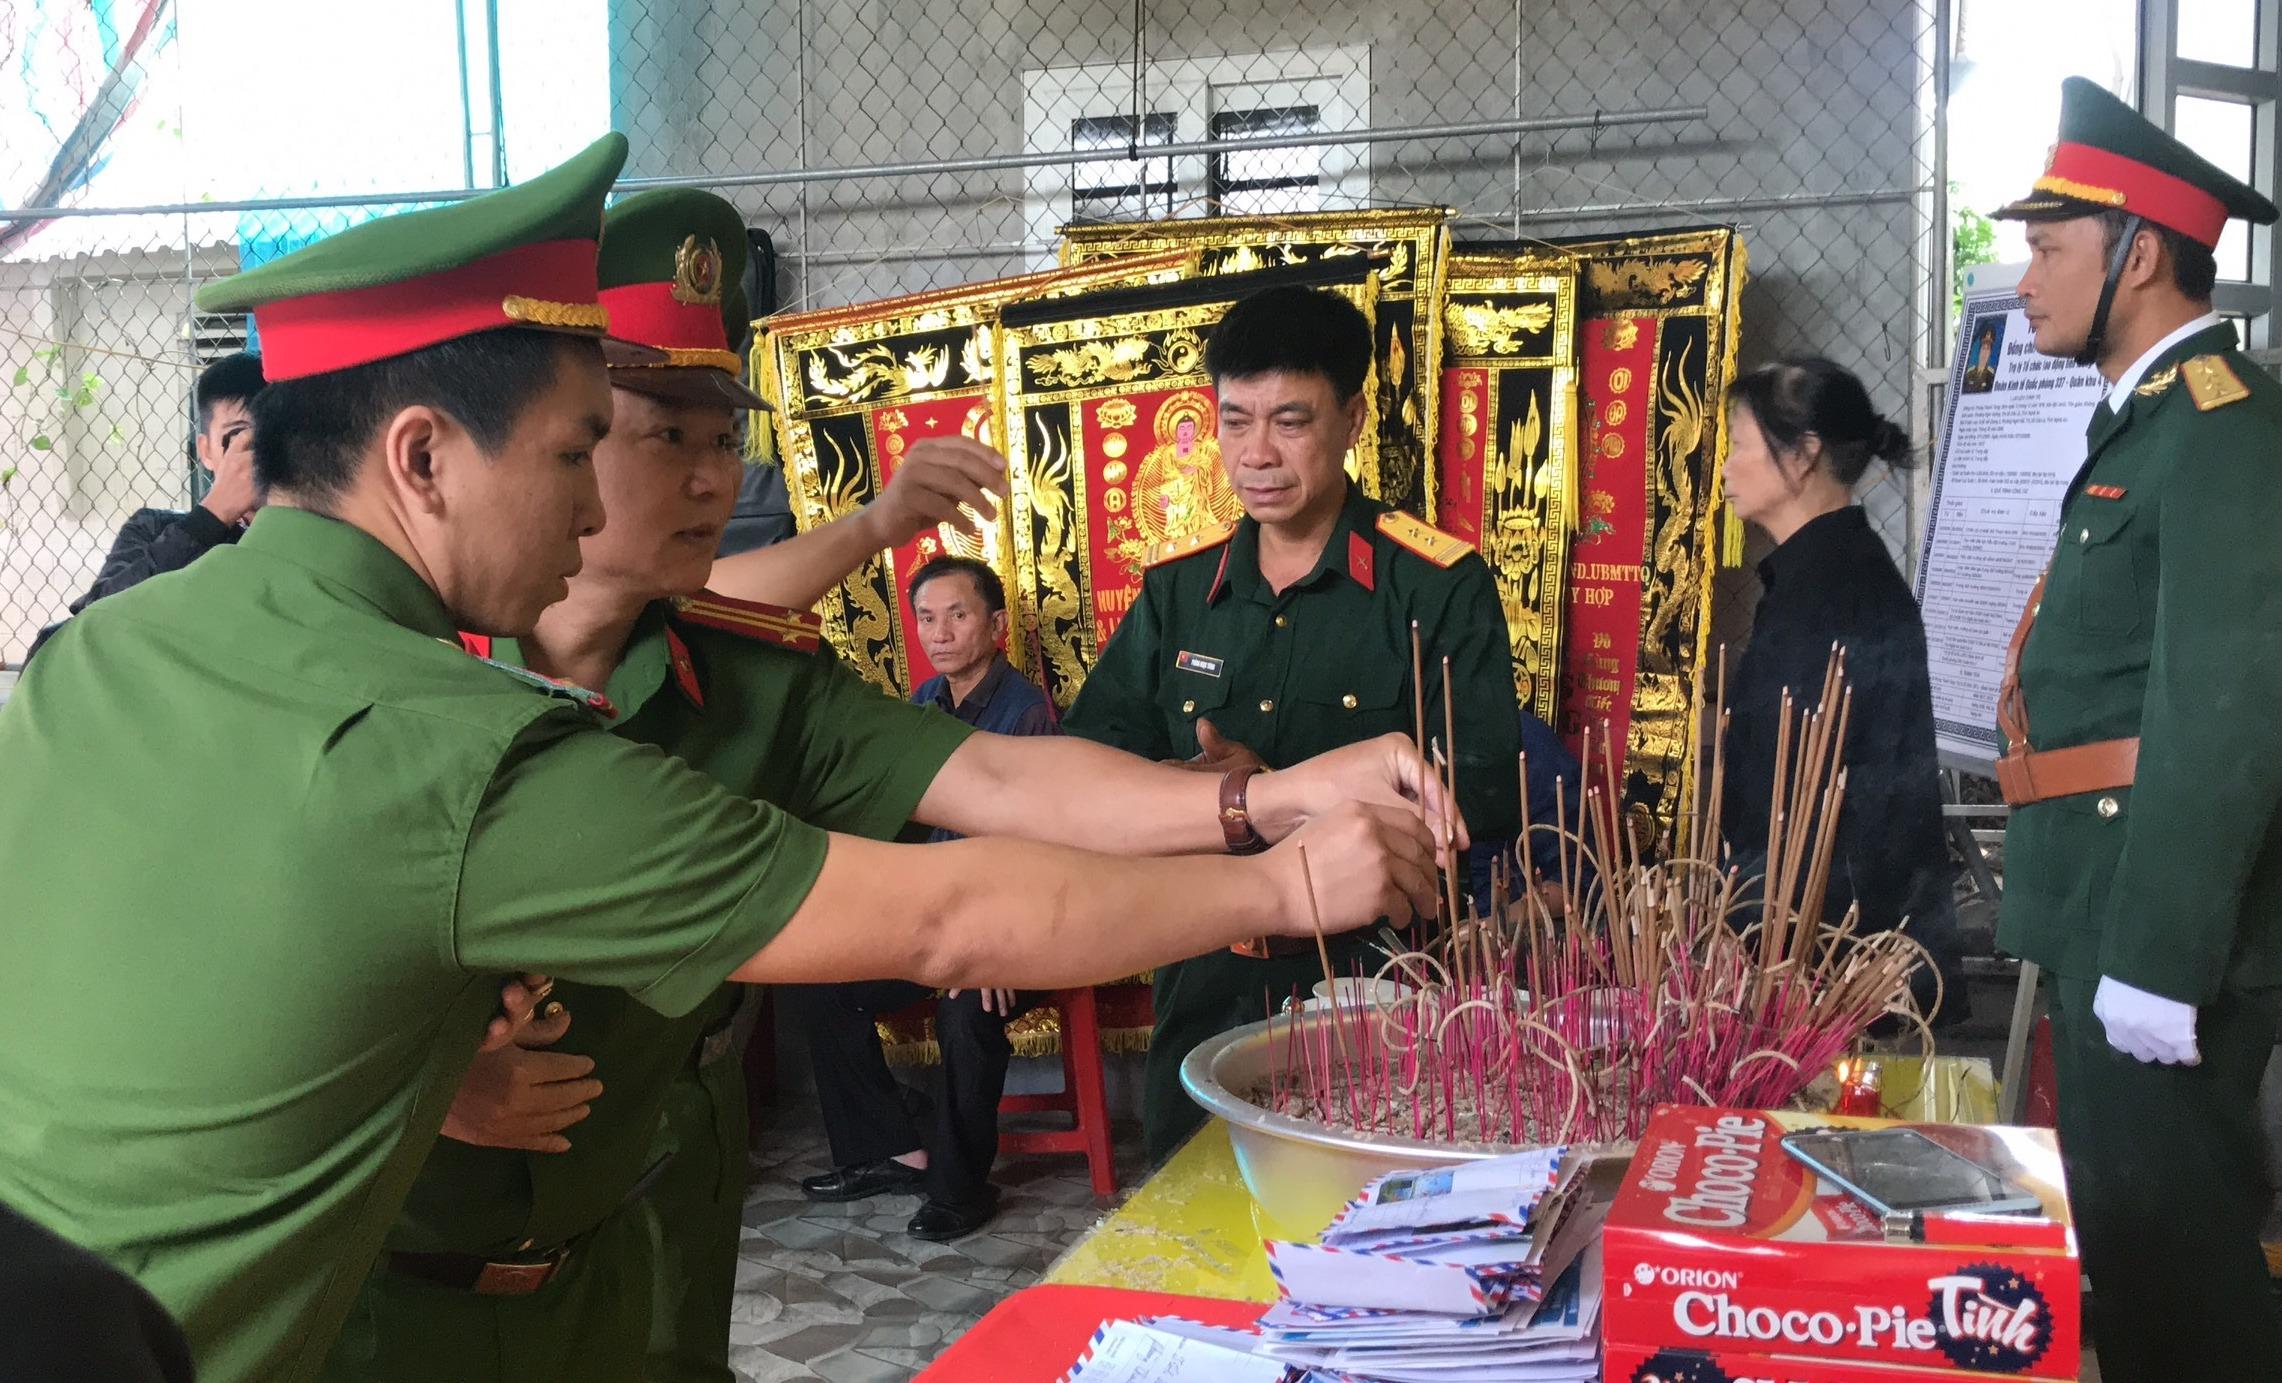 Nước mắt tiễn biệt liệt sỹ Đoàn 337 bị vùi lấp ở Quảng Trị: Nào ngờ con đi không về nữa - Ảnh 14.